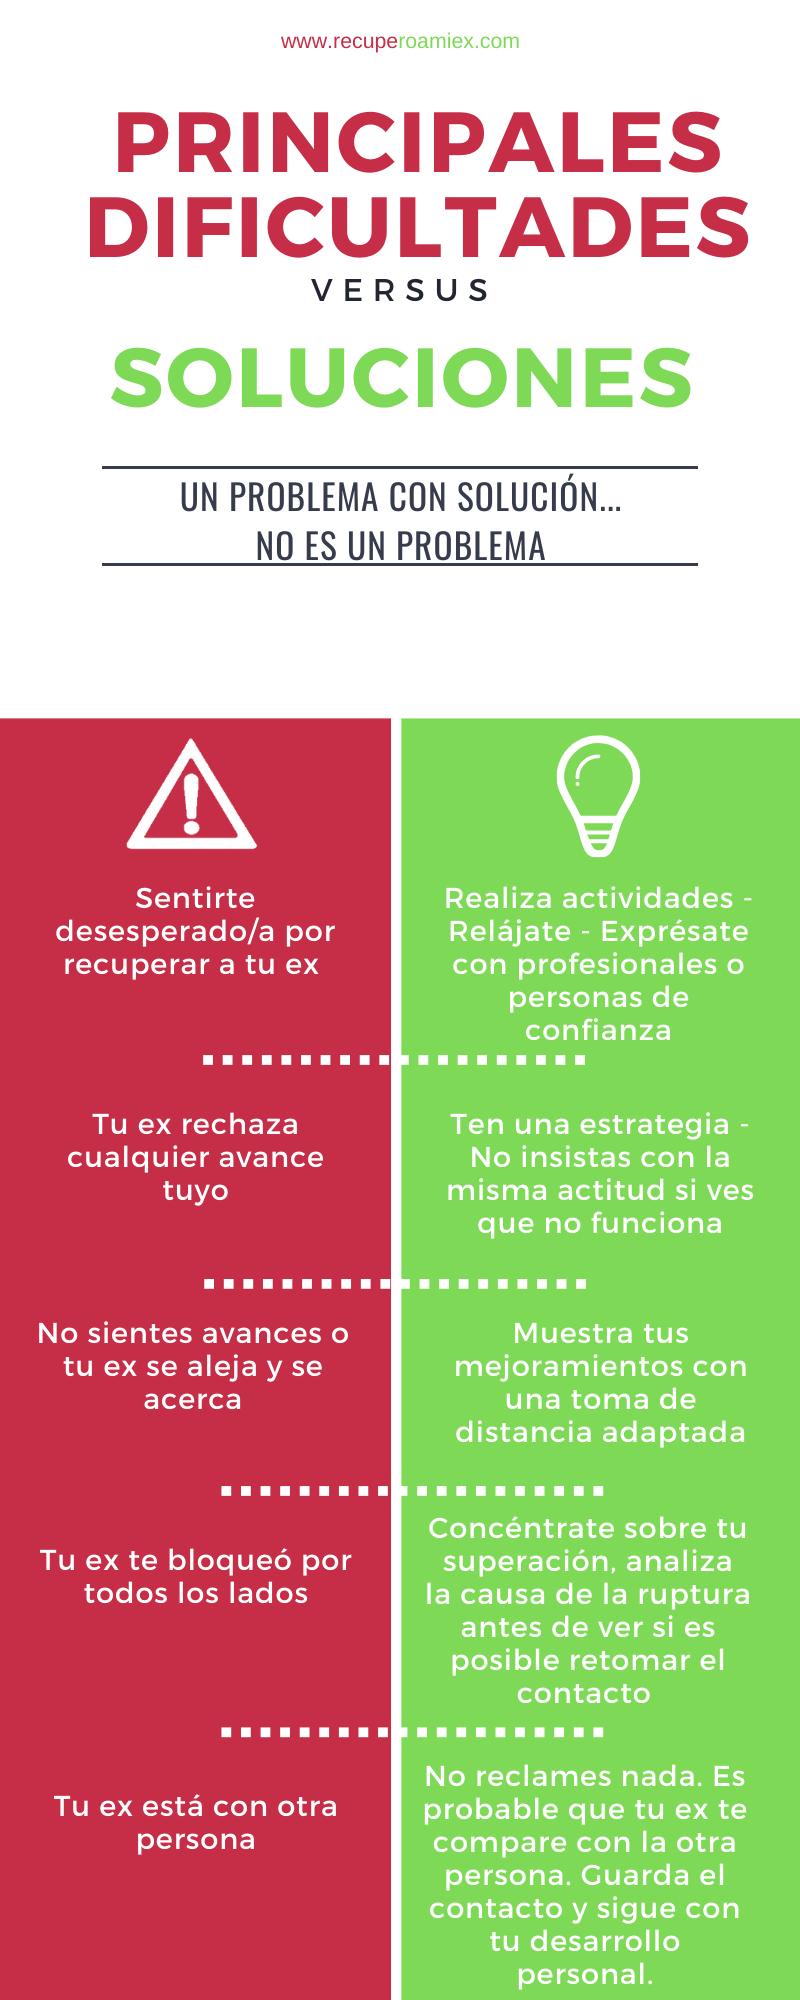 infografía errores y soluciones al recuperar a mi ex